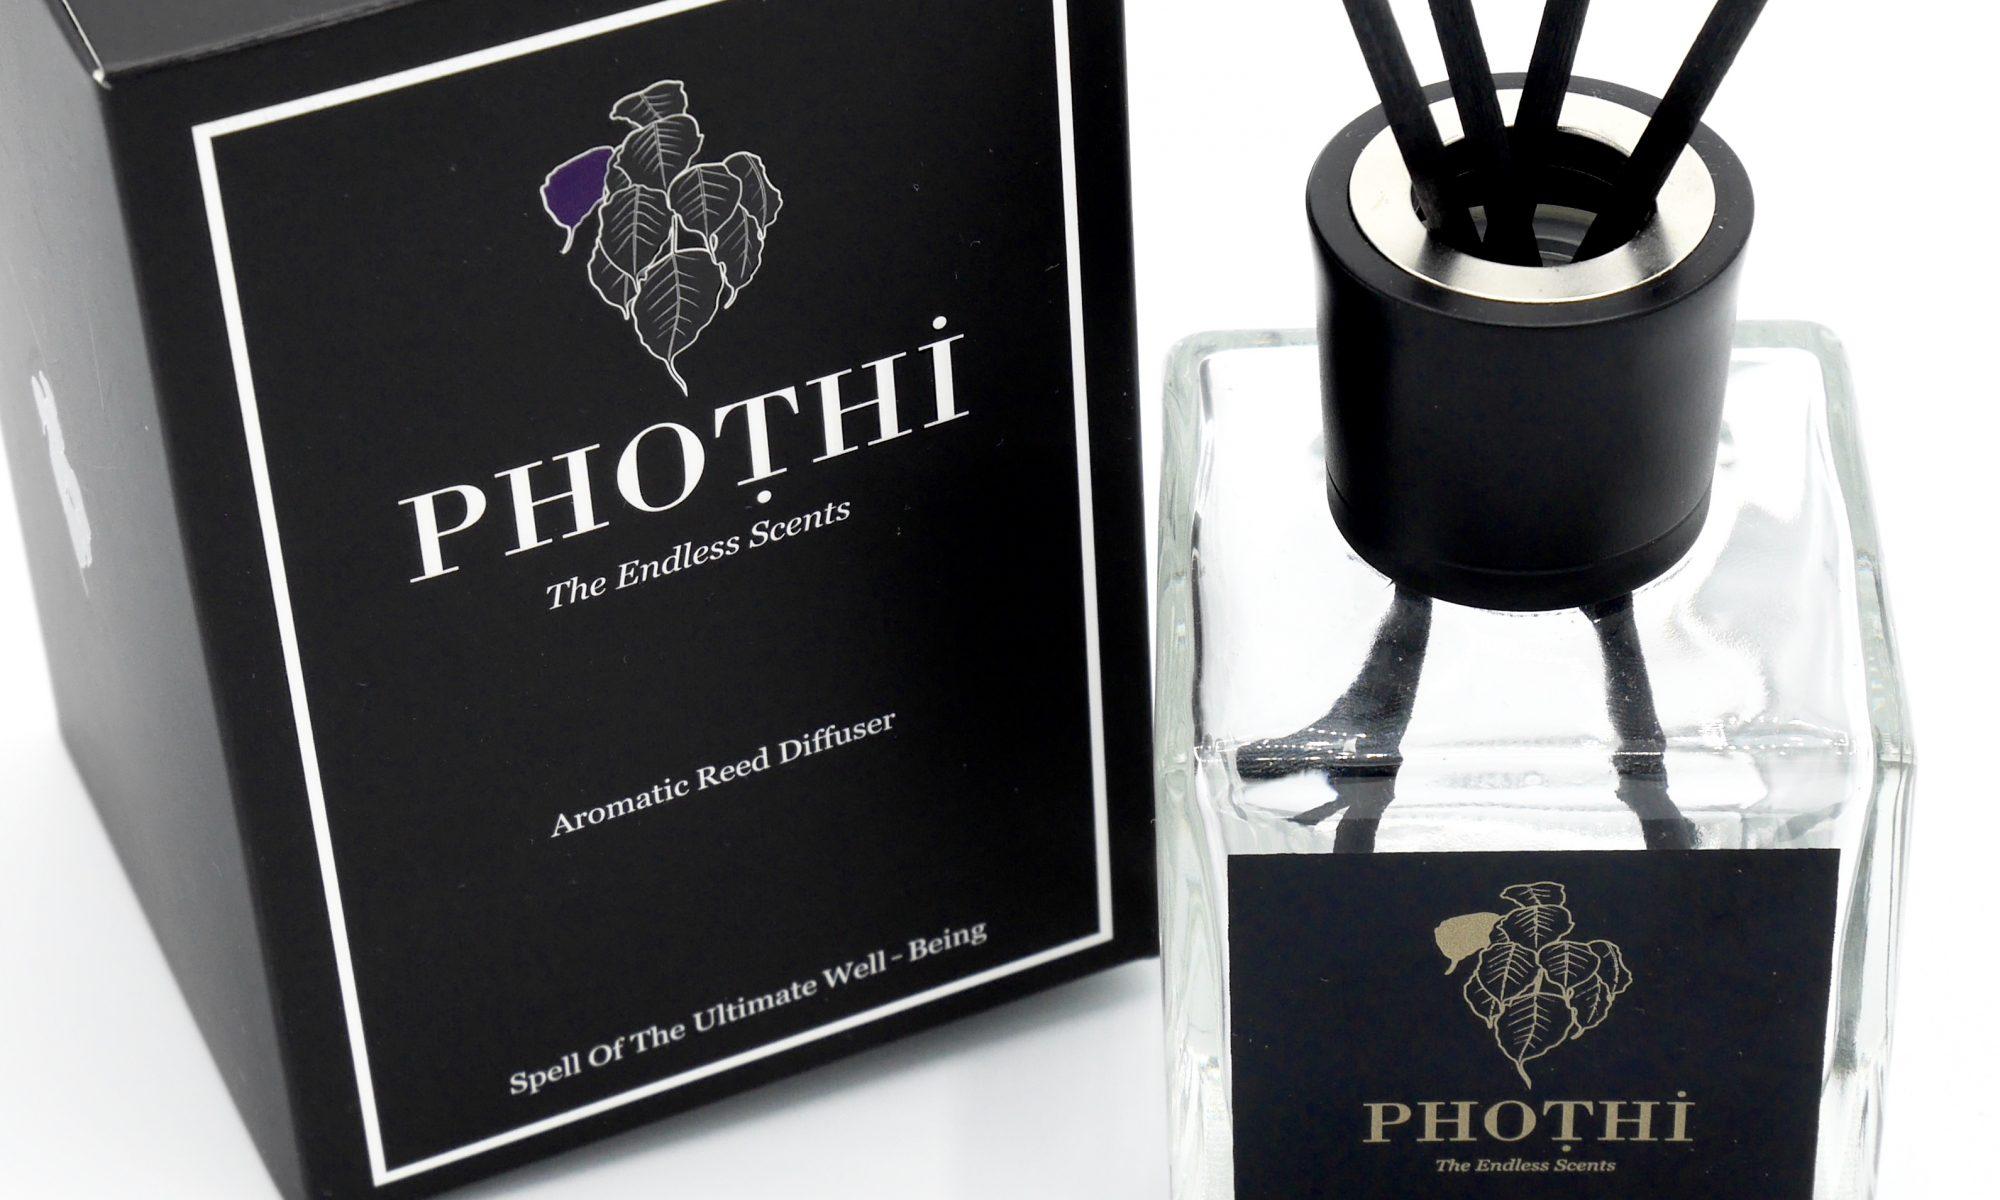 Phothi